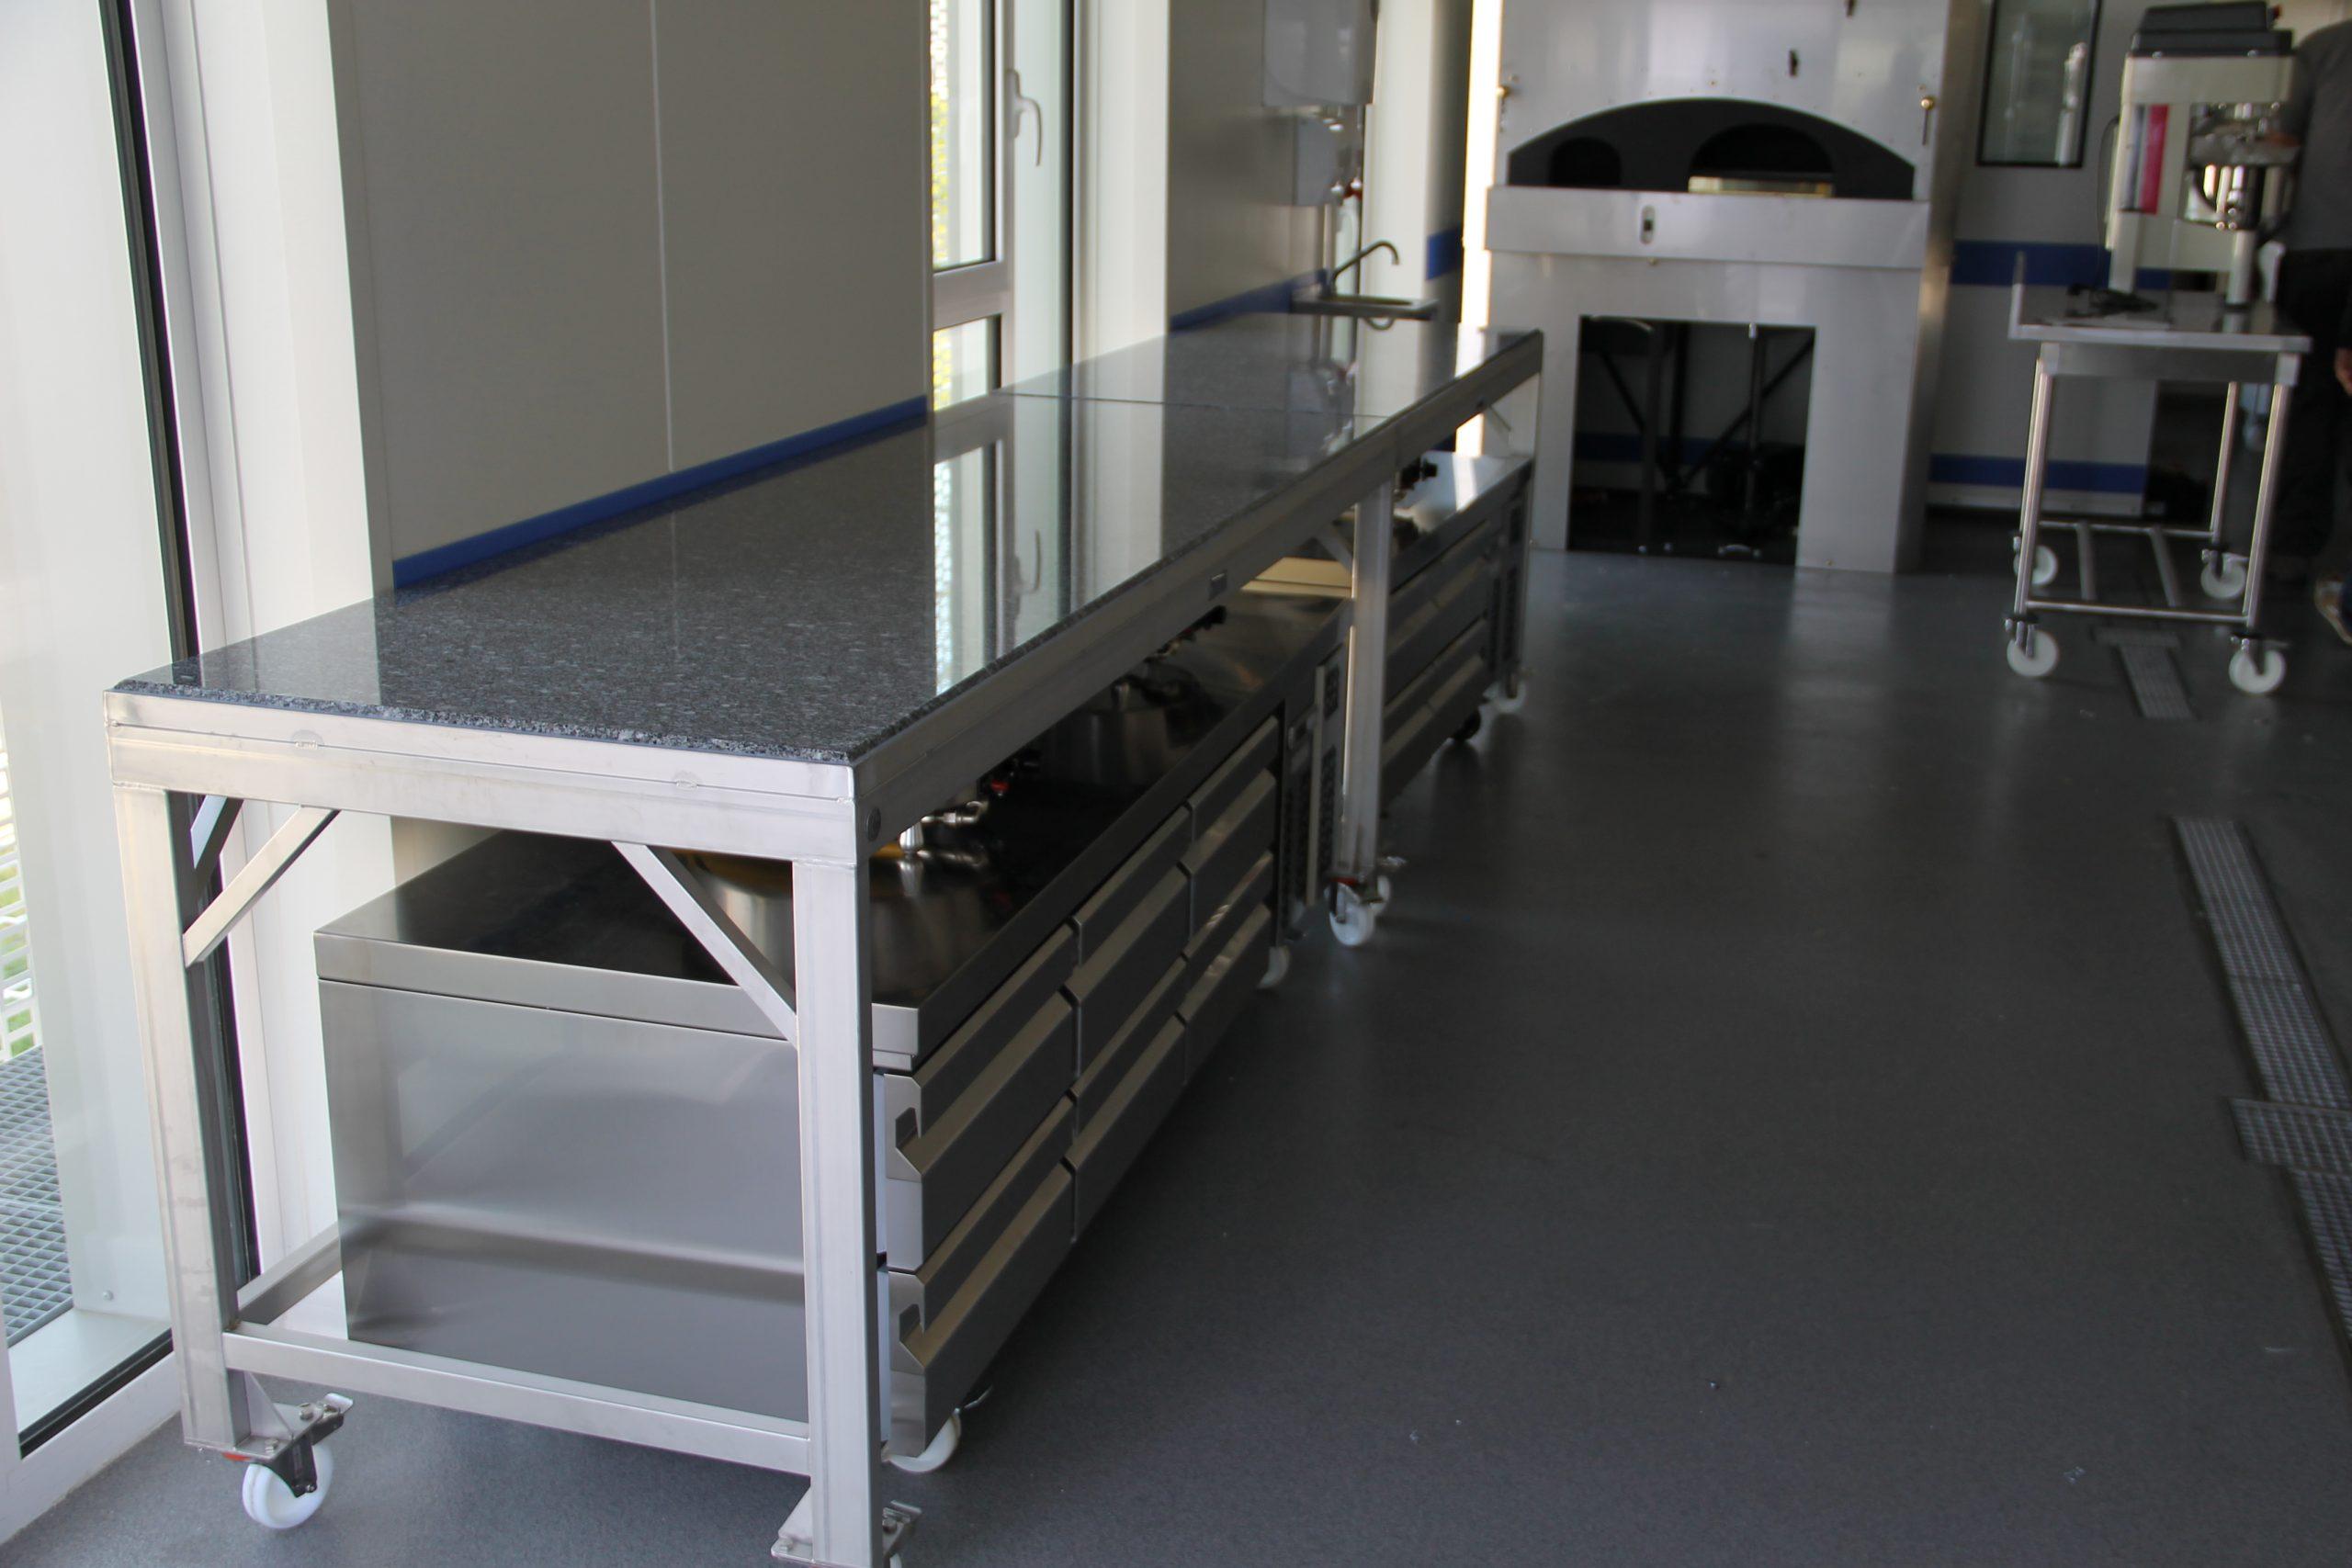 Table roulante inox et granit